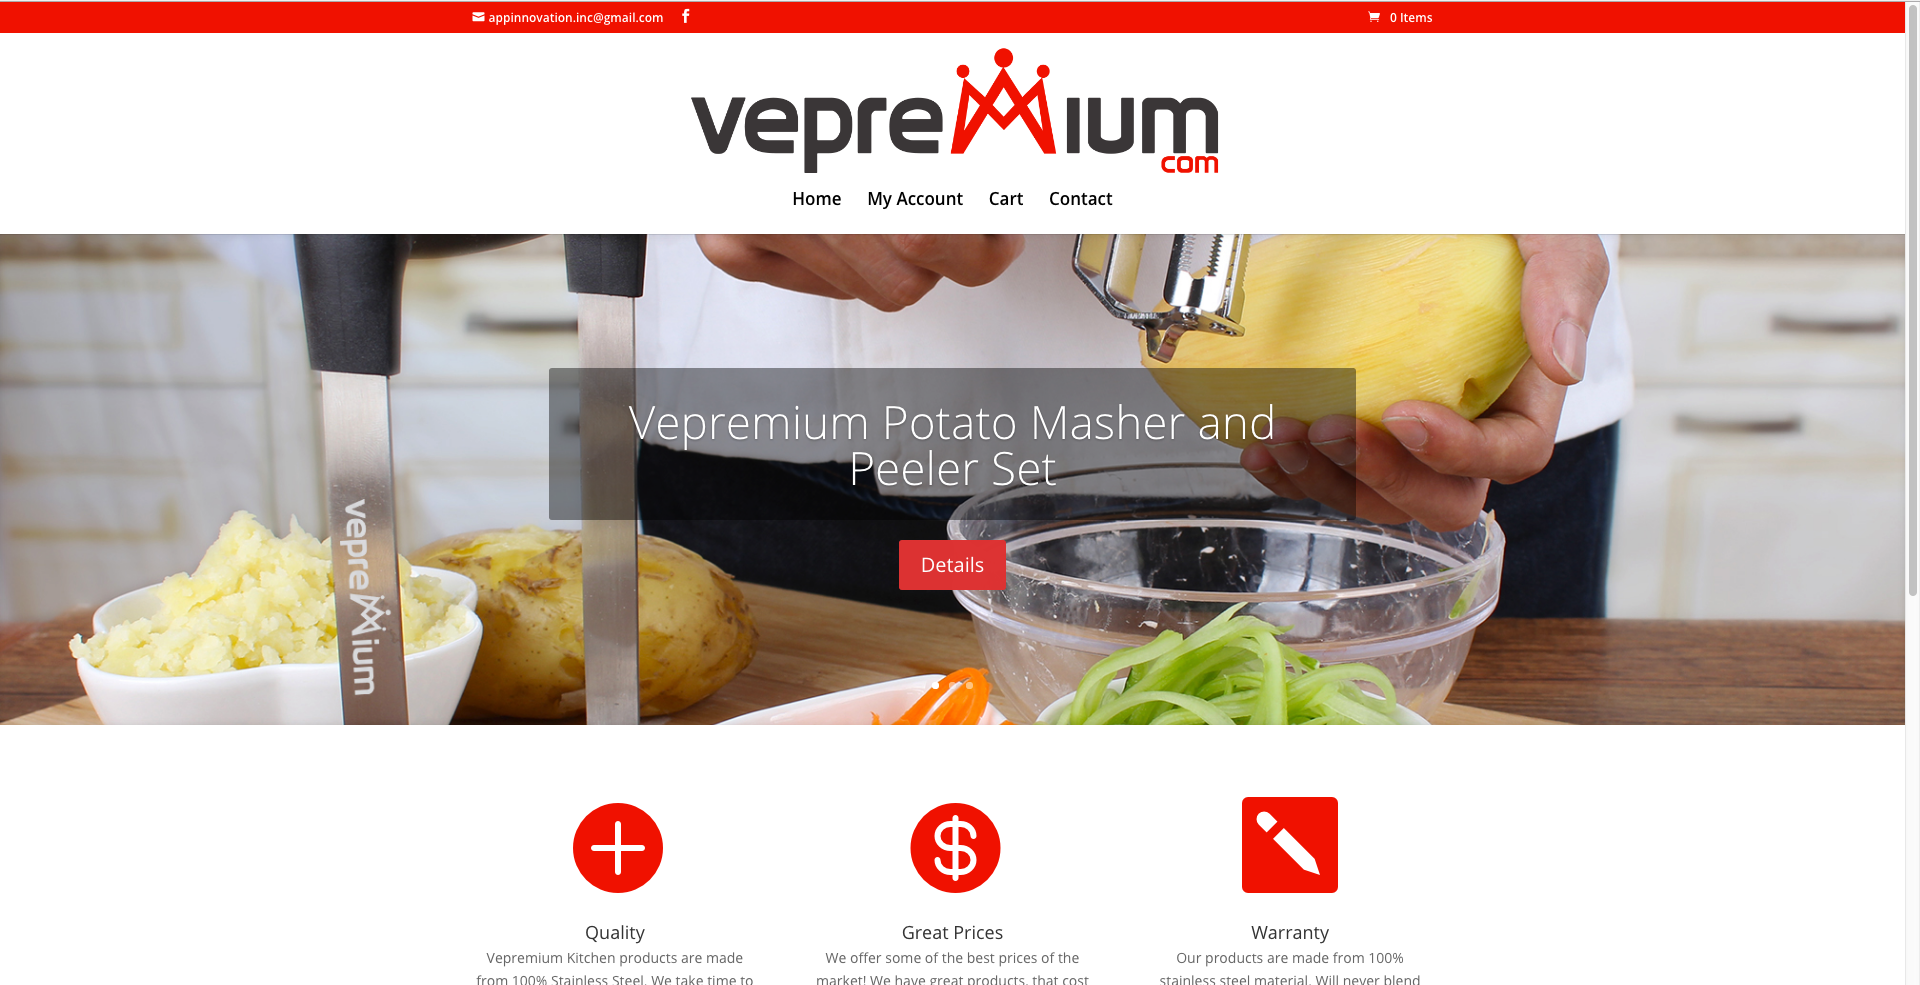 VePremium